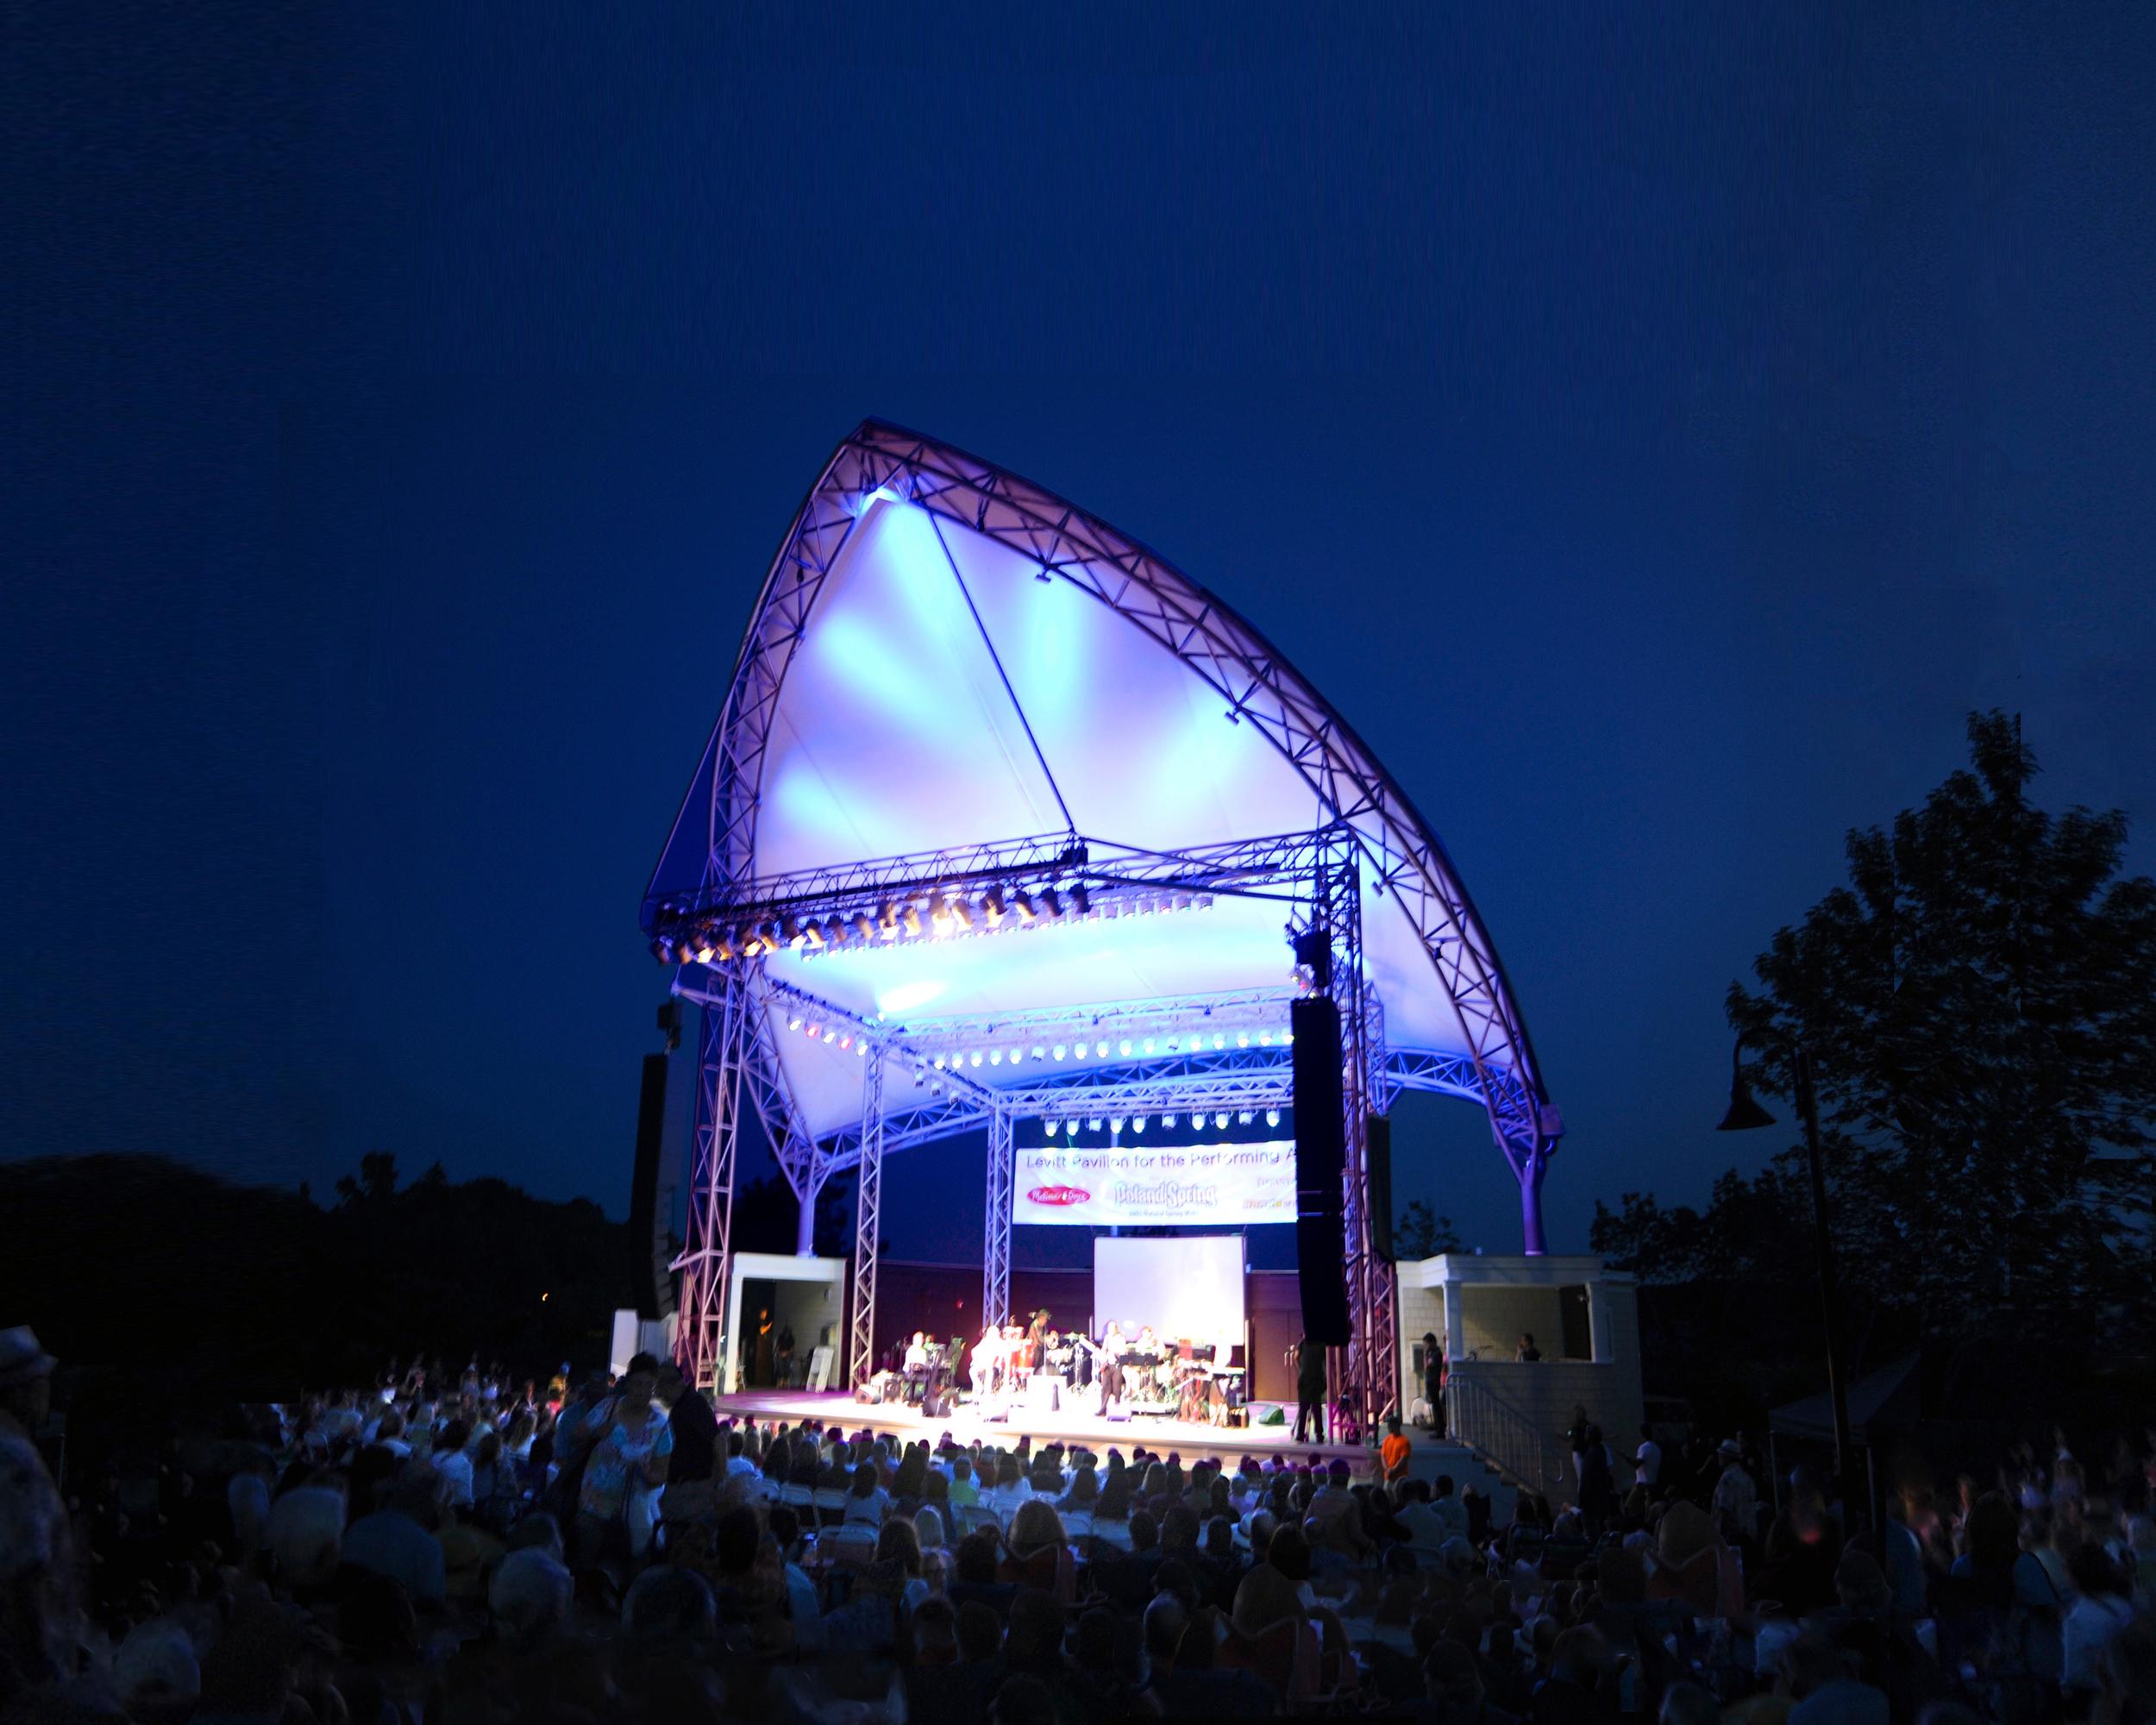 Levitt Pavilion, Westport, Connecticut - Est. 1974  levittpavilion.com